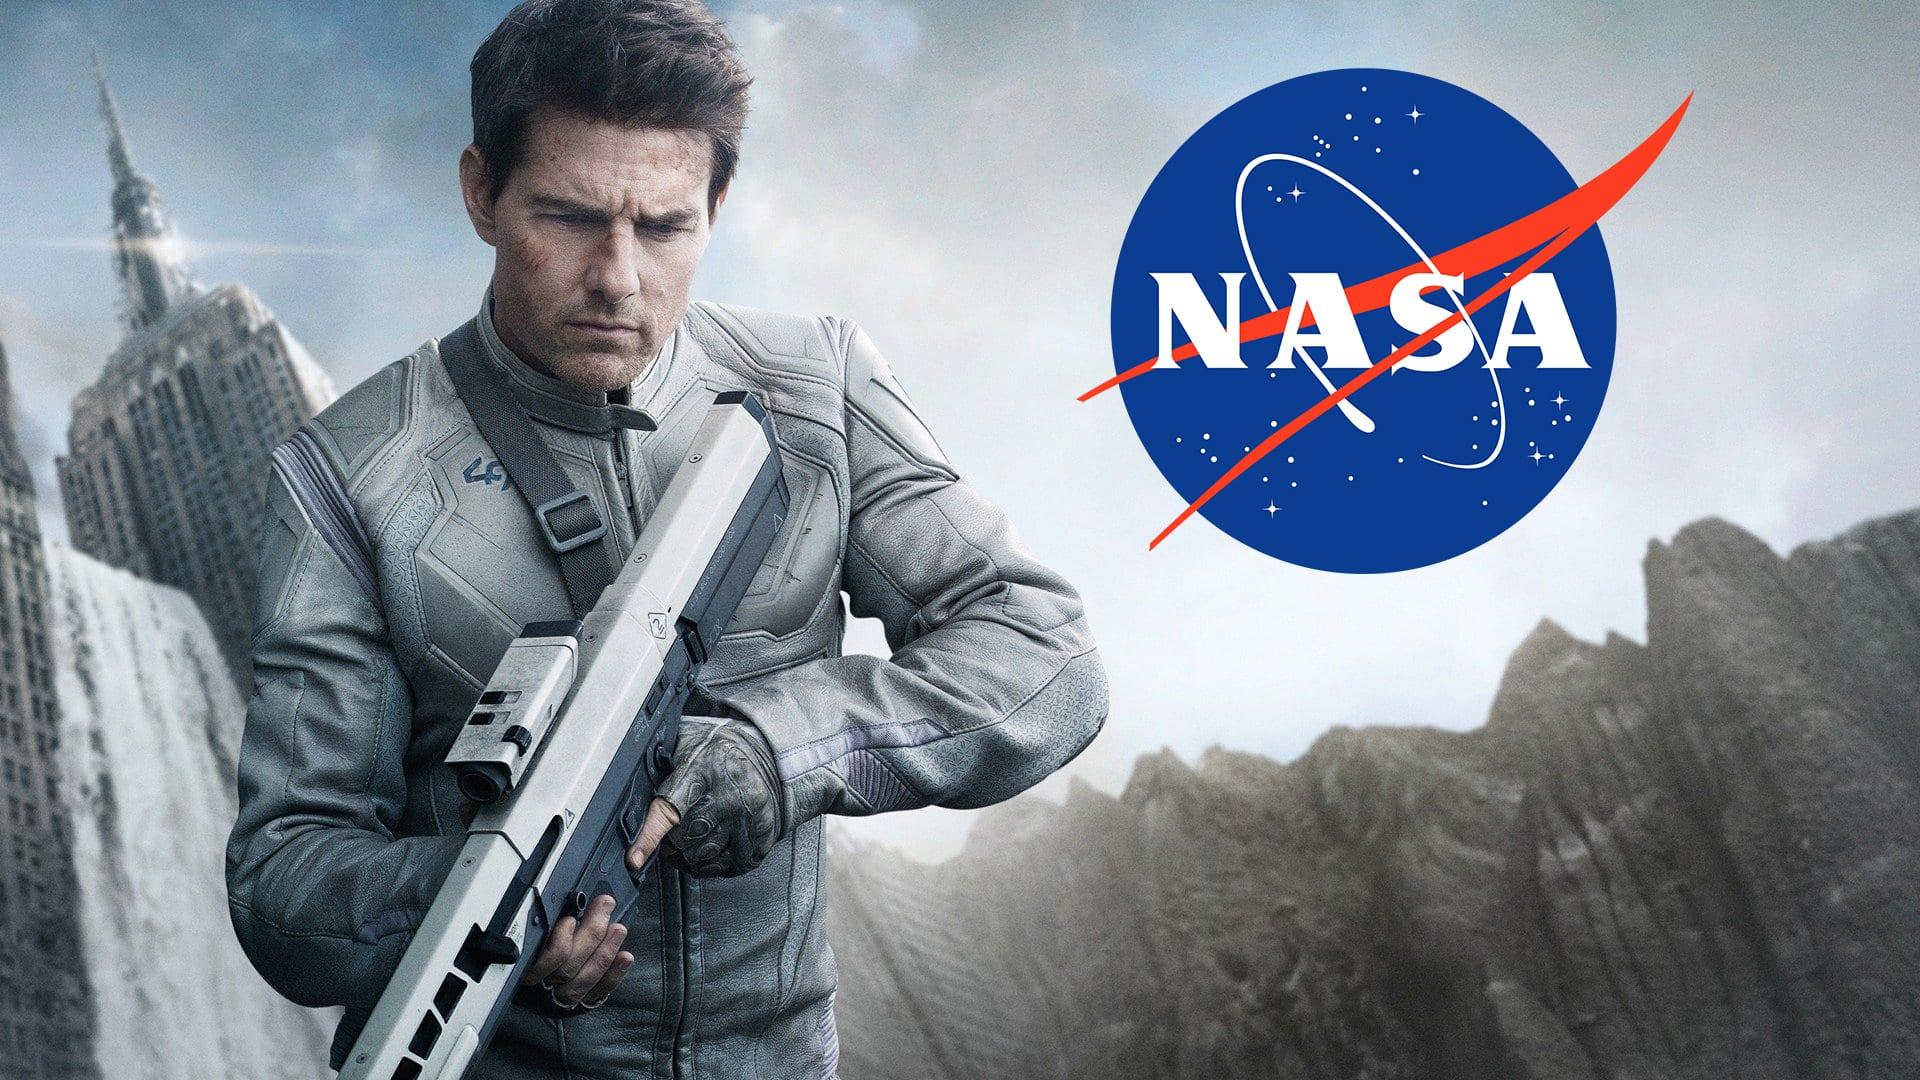 Tom Cruise farà il film con la NASA nella Stazione Spaziale Internazionale